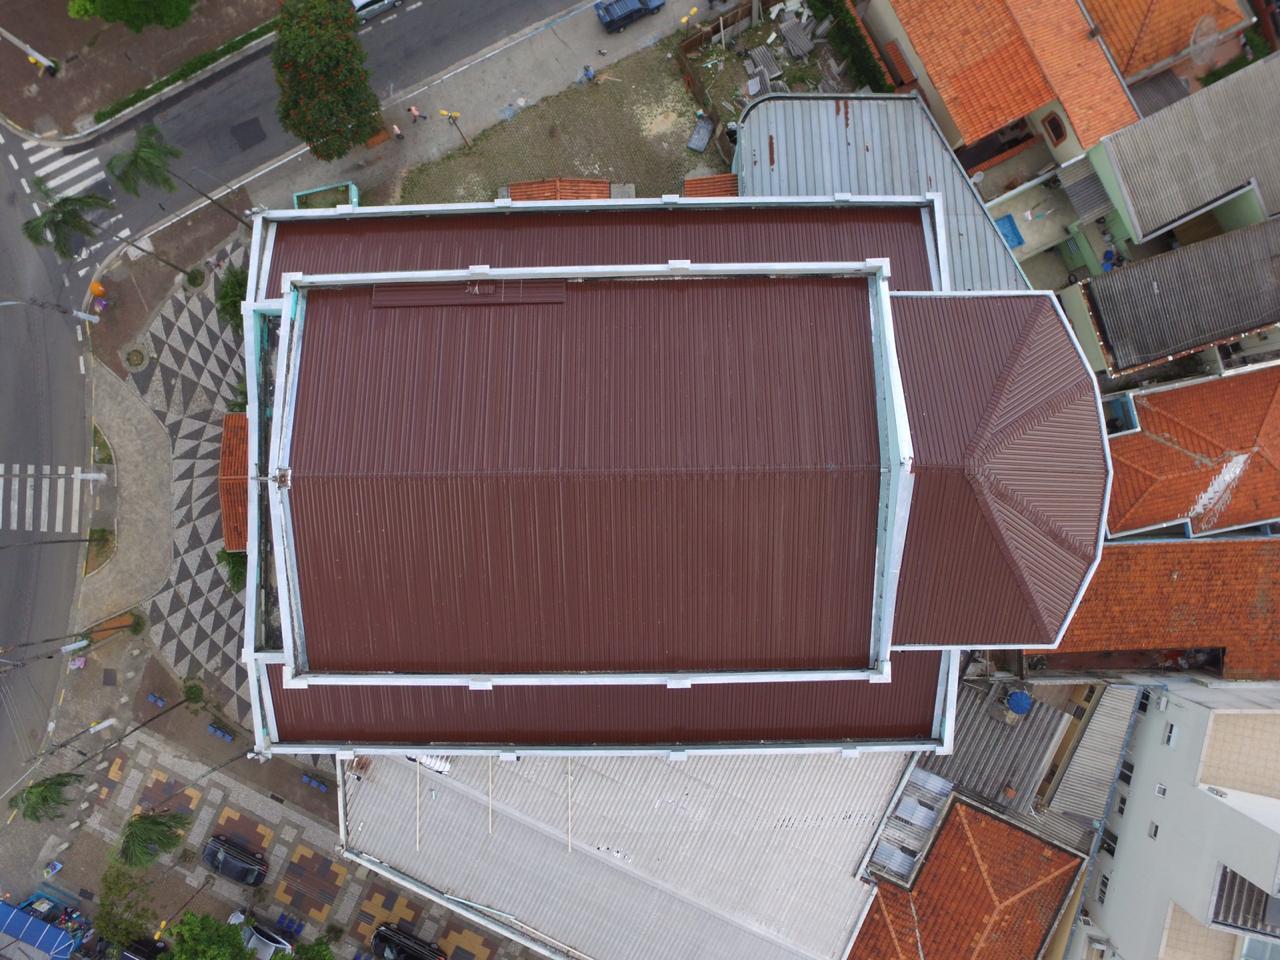 Paróquia Santa Teresinha telhado